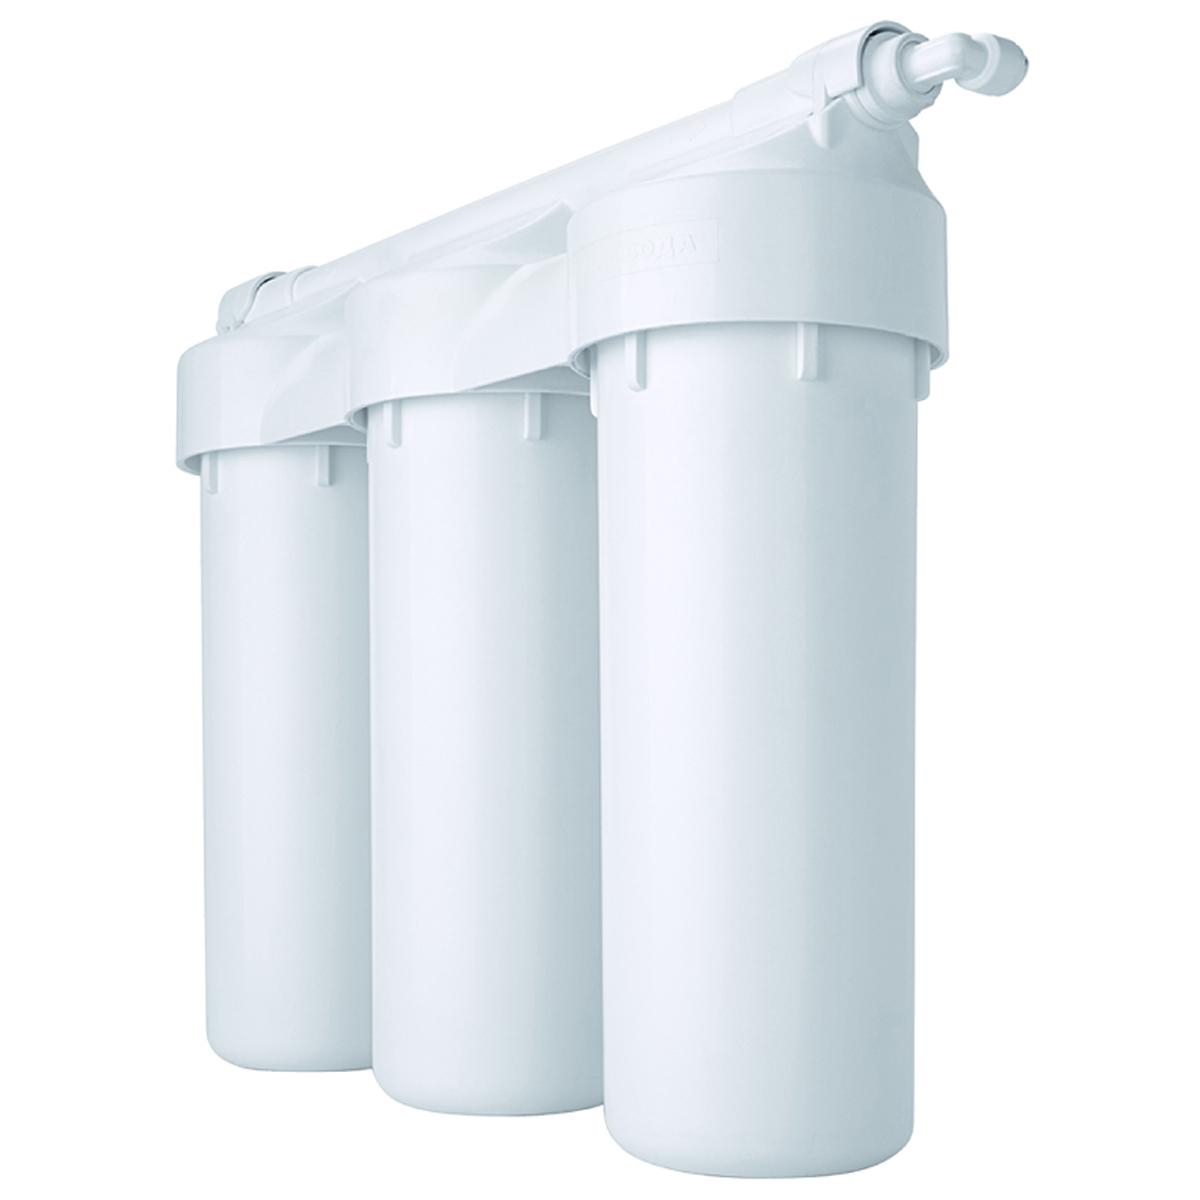 Водоочиститель Prio Praktic. EU305, с защитой от перепадов давленияEU305В новой линейке Praktic соединены проверенные временем традиционные решения на базе стандартных 10-дюймовых картриджей с современными техническими решениями 21 века и немецкими технологиями от компании Prio®.Фильтры серии Praktic превосходно очищают водопроводную воду от всех самых опасных загрязнений, в том числе хлора и хлорной органики, механических примесей, канцерогенов, тяжелых металлов и т.д., улучшают вкус воды, устраняют посторонние запахи. В результате воду можно пить без кипячения, готовить на её основе еду и напитки даже для грудных детей.Ключевые особенности фильтров серии Praktic, выгодно отличающие их от большинства систем других производителей:- благодаря армированному корпусу и увеличенному количеству витков резьбы в местах соединения - выдерживают максимальное ударное давление до 28 атм, 100 тыс гидроударов (по методике тестирования целостности согласно NSF 58)- цельнолитая «голова» исключает вероятные протечки в местах соединения- гасители гидроудара на входе и выходе повышают надежность в процессе эксплуатации- улучшенная засыпка картриджей от ведущих поставщиков США, Индонезии и Германии гарантирует прекрасное качество очистки на протяжении всего срока службы- гарантия 2 года- все заявленные показатели подтверждены независимым тестированием НИИ СантехникиТолько фильтры Praktic от компании Prio имеют уникальную возможность - расширяемость постфильтрами из старшей линейки Expert® (добавление 4-й, 5-й и т.д. ступеней очистки, в том числеультрафильтрации,шунгитаи др.), а также апгрейд до системы обратного осмоса с сохранением ранее вложенных инвестиций.Не зря данная серия фильтров -самое популярное решение для очистки водопроводной воды в квартире. Стандартизированные картриджи, простая схема подключения, широкий выбор моделей, недорогое и простое обслуживание делают данные фильтры прекрасным выбором.Производство в России на современном оборудовании под контролем немецких инжене